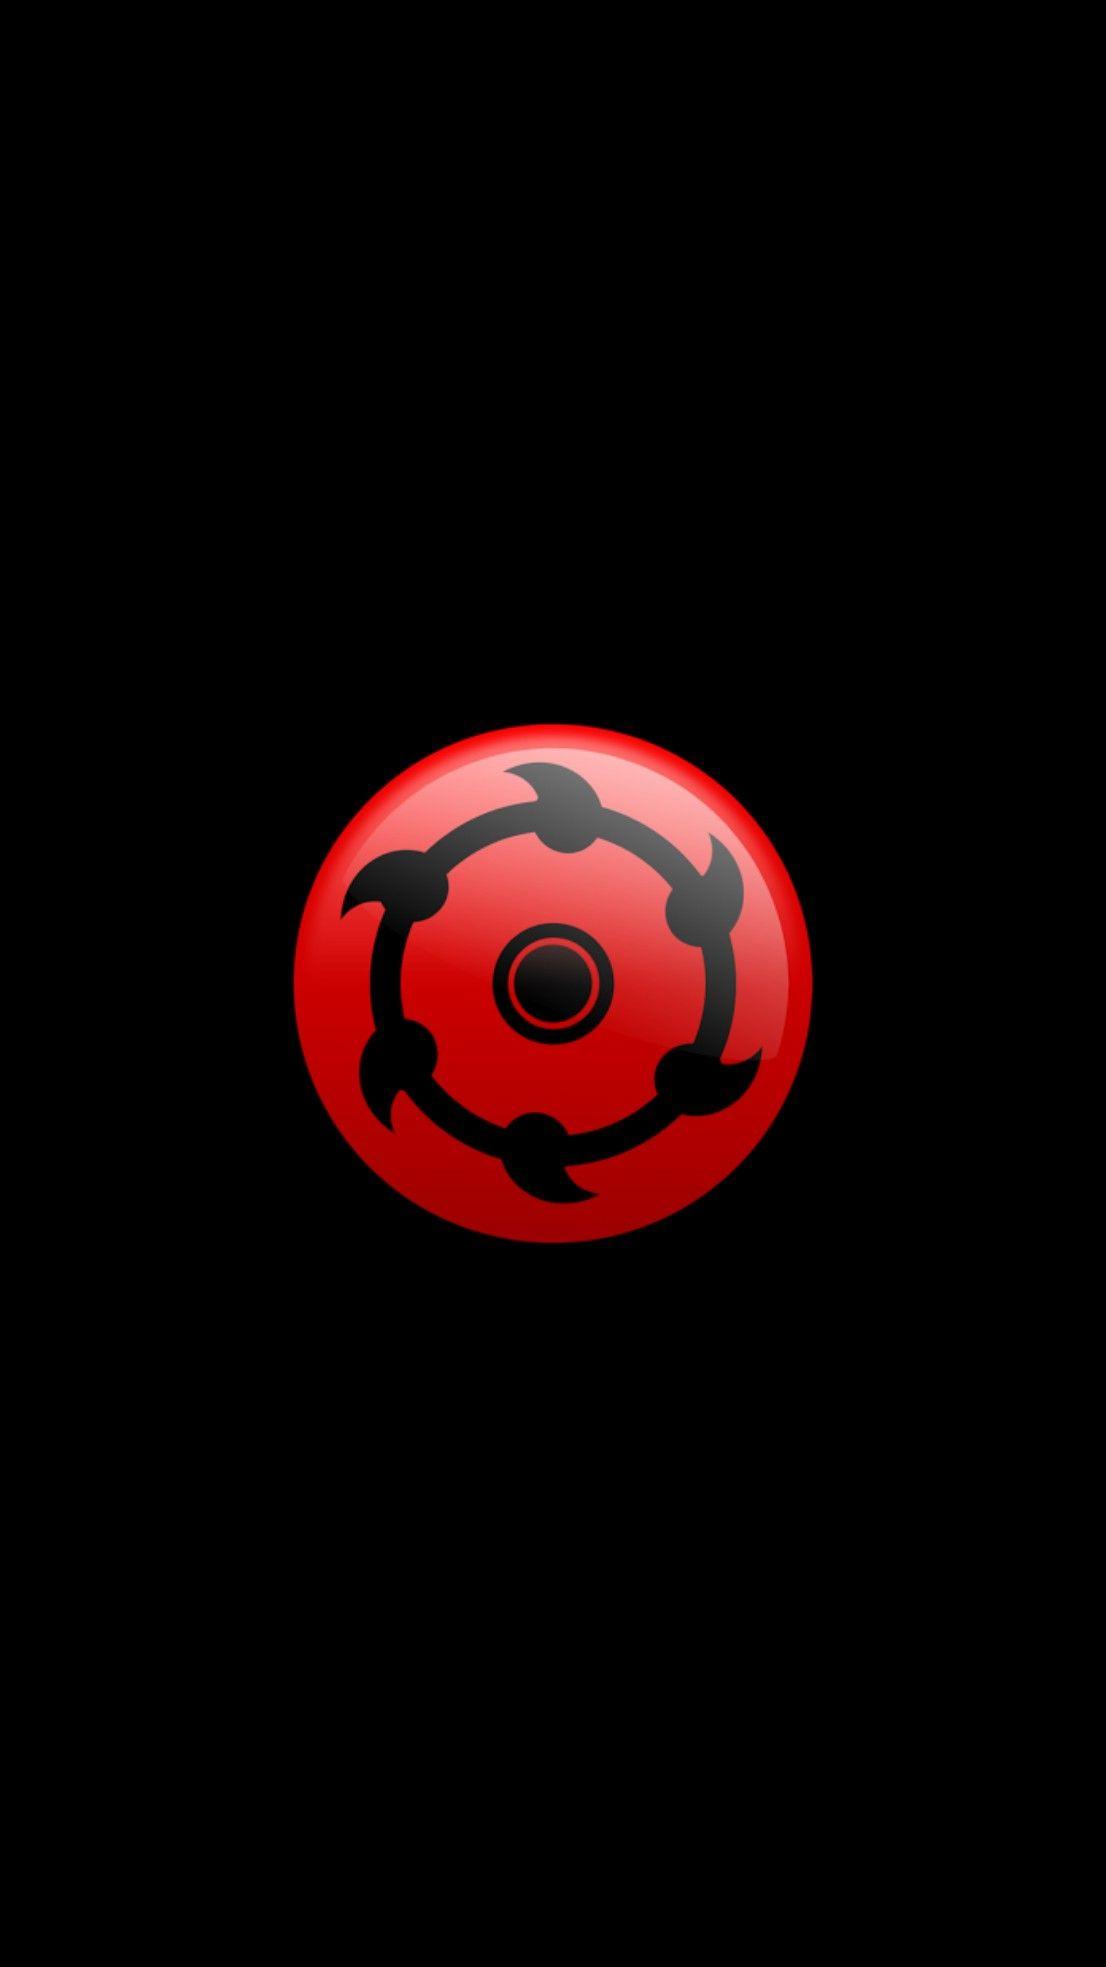 Sharingan Android Ios Wallpaper Black Naruto Naruto Uzumaki Naruto Wallpaper